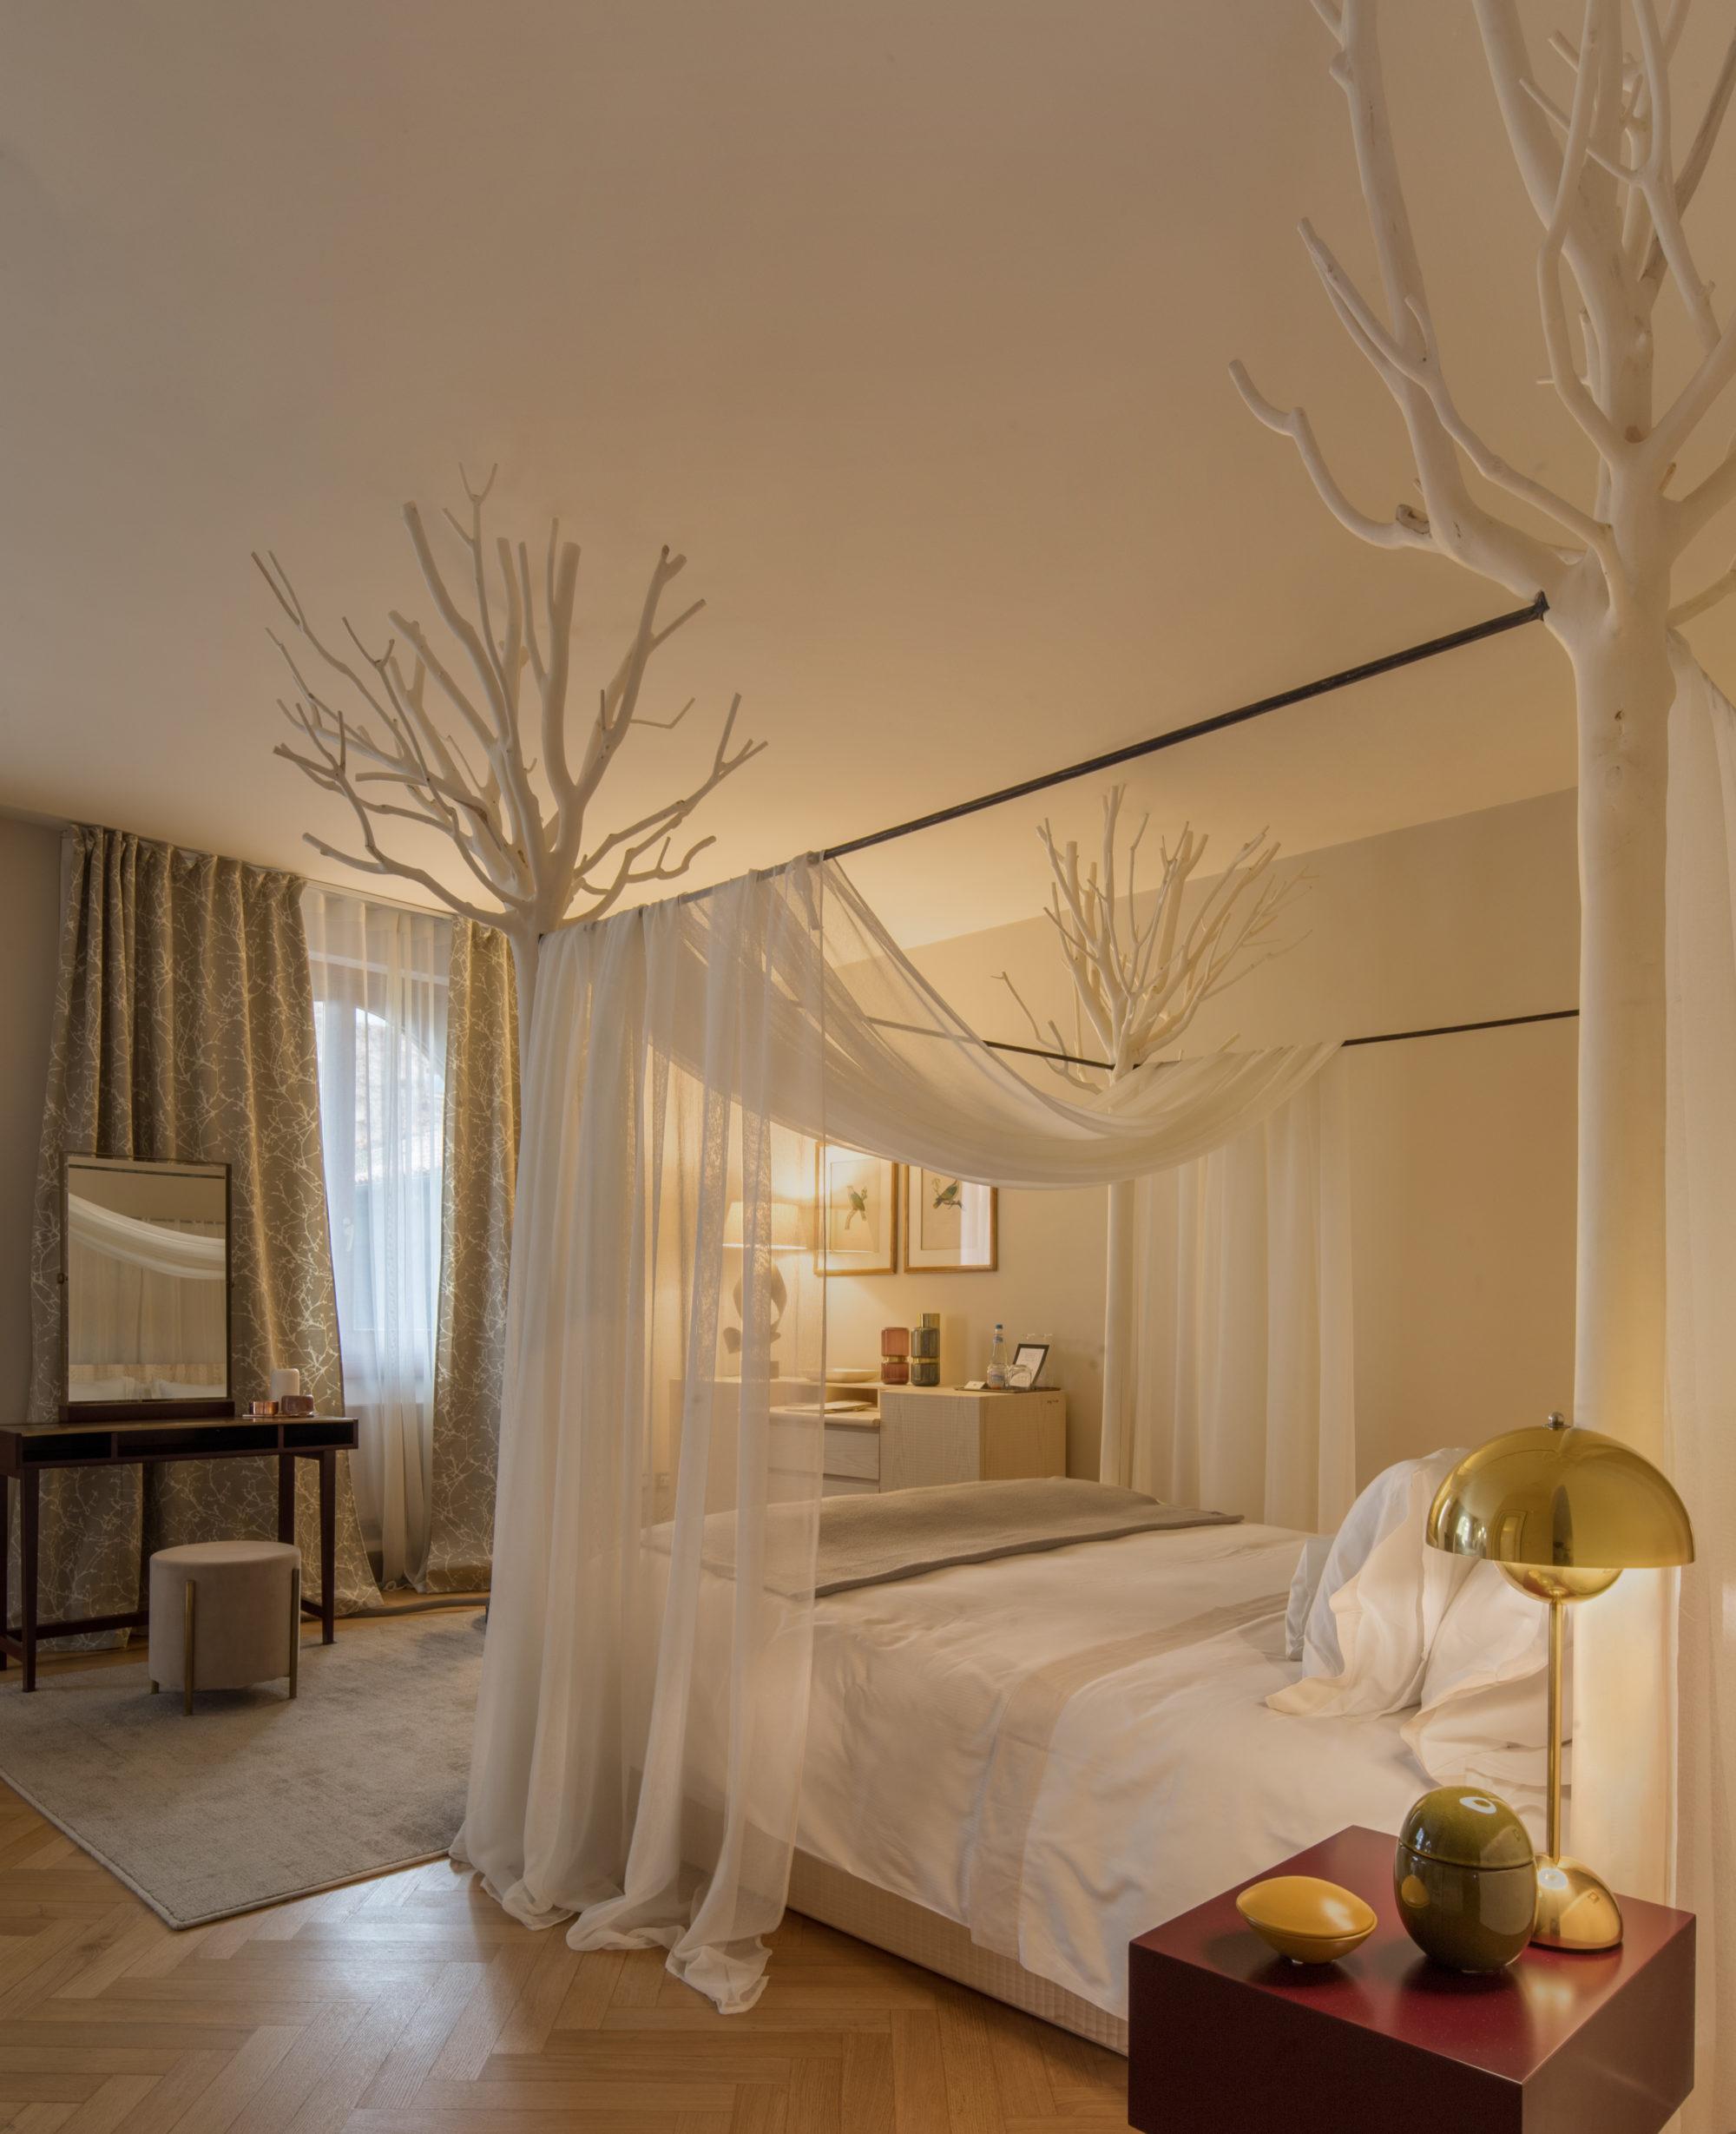 Arredamento camera da letto - Fotografo Brescia Ottavio Tomasini